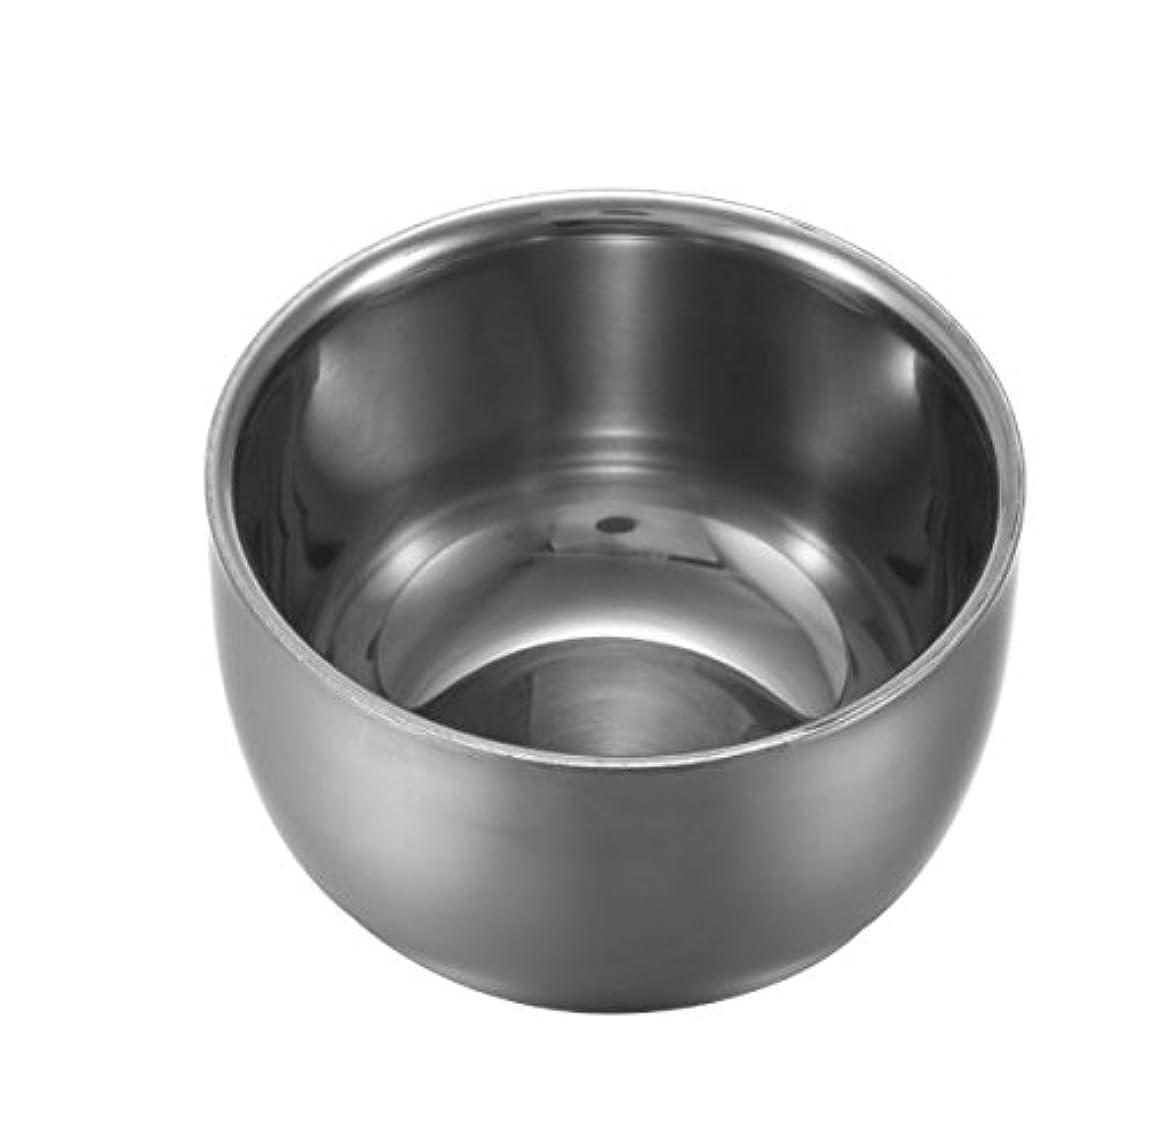 息子スパーク抑圧者7.5cm Stainless Steel Shaving Bowl Barber Beard Razor Cup For Shave Brush Male Face Cleaning Soap Mug Tool